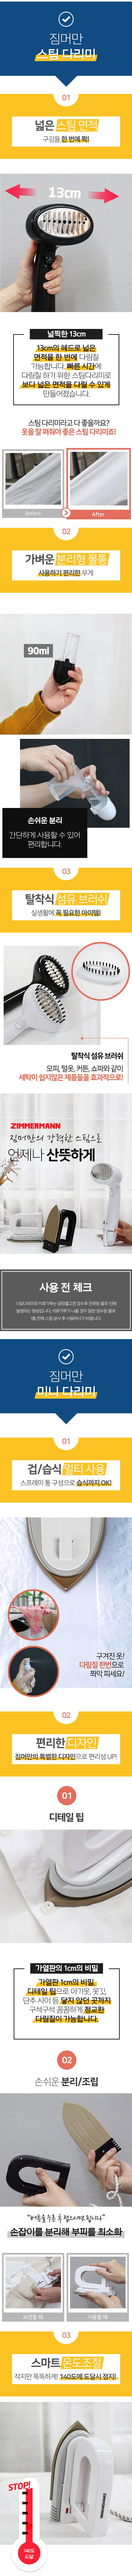 짐머만 핸디형 스팀다리미+미니다리미세트 - 서울리빙, 56,900원, 다리미/보풀제거기, 스팀 다리미